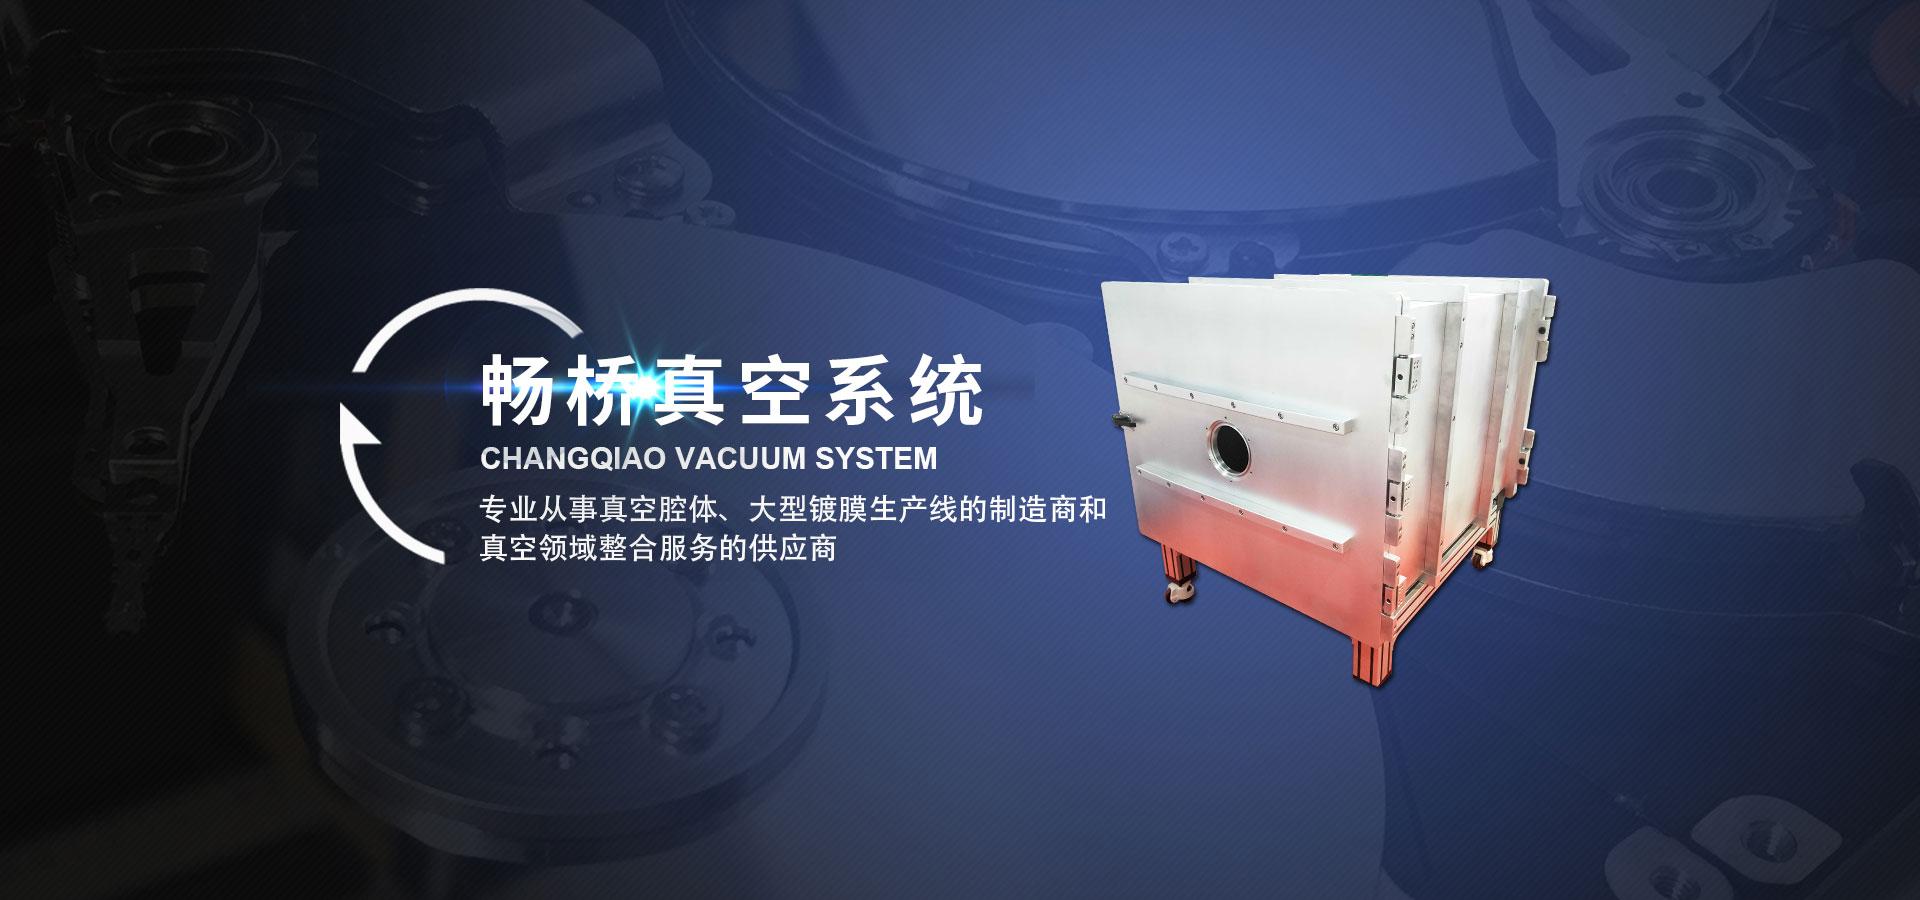 上海ca88真空系统制造有限公司